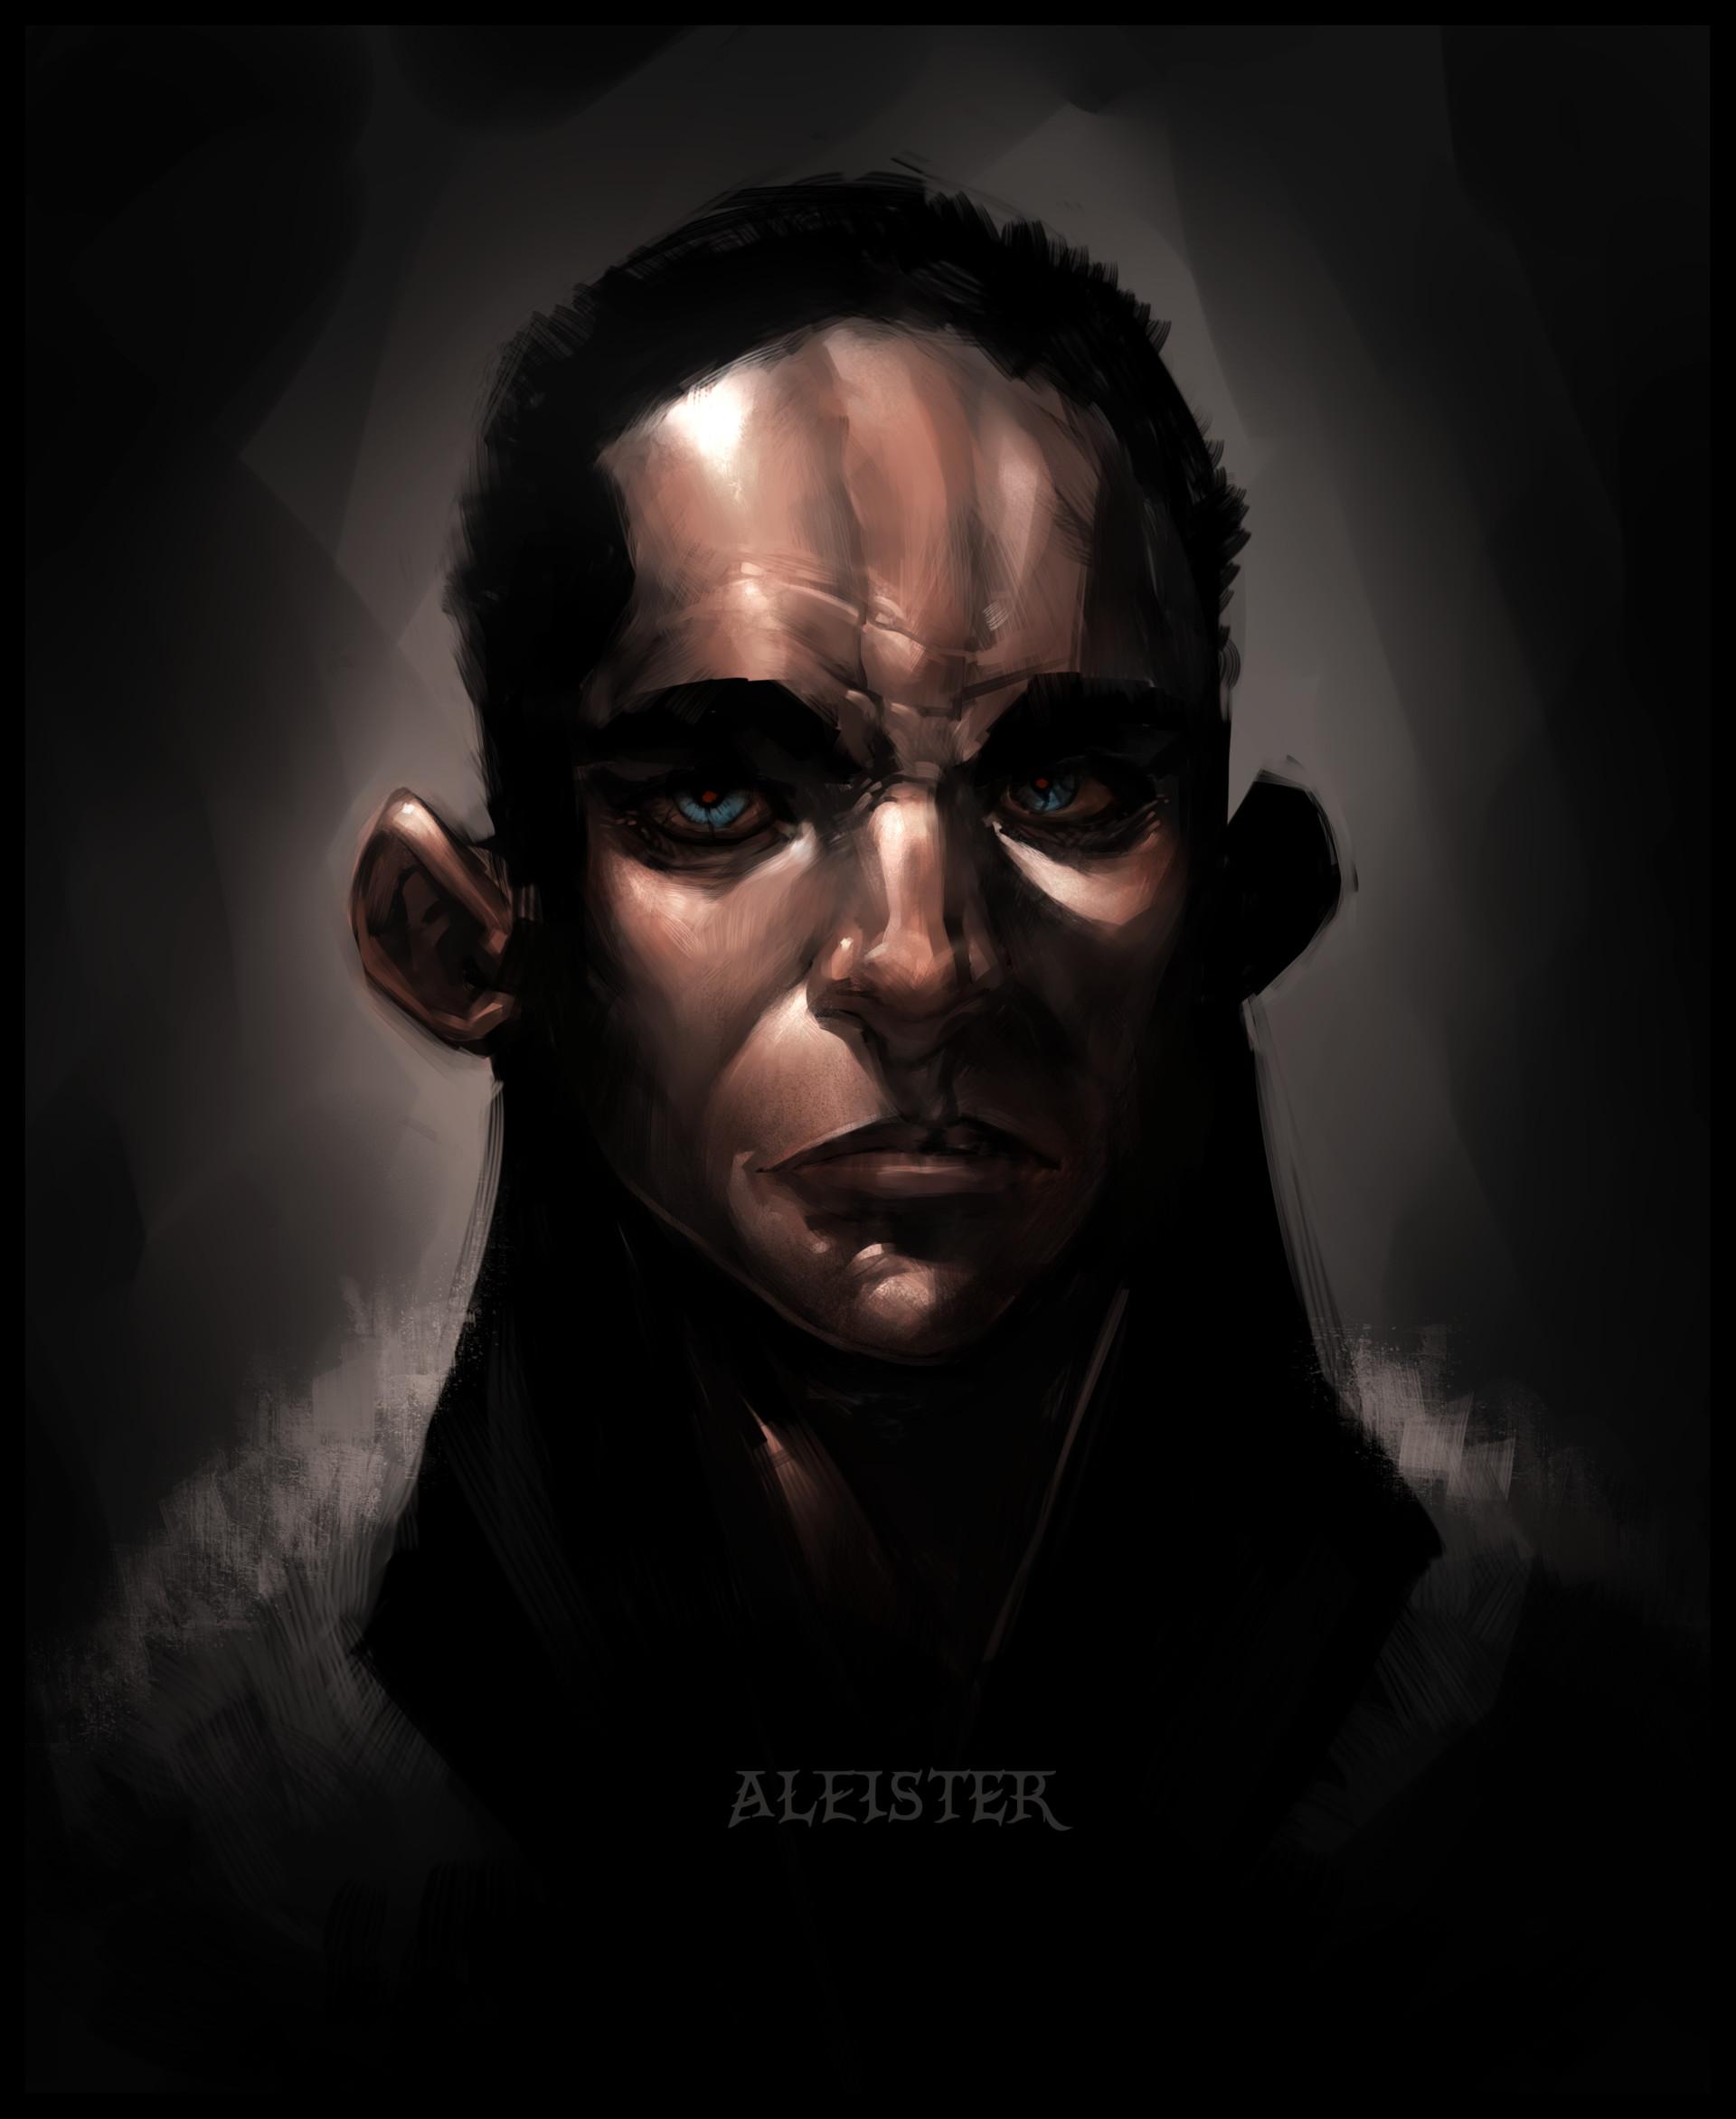 Jerome brulin aleister